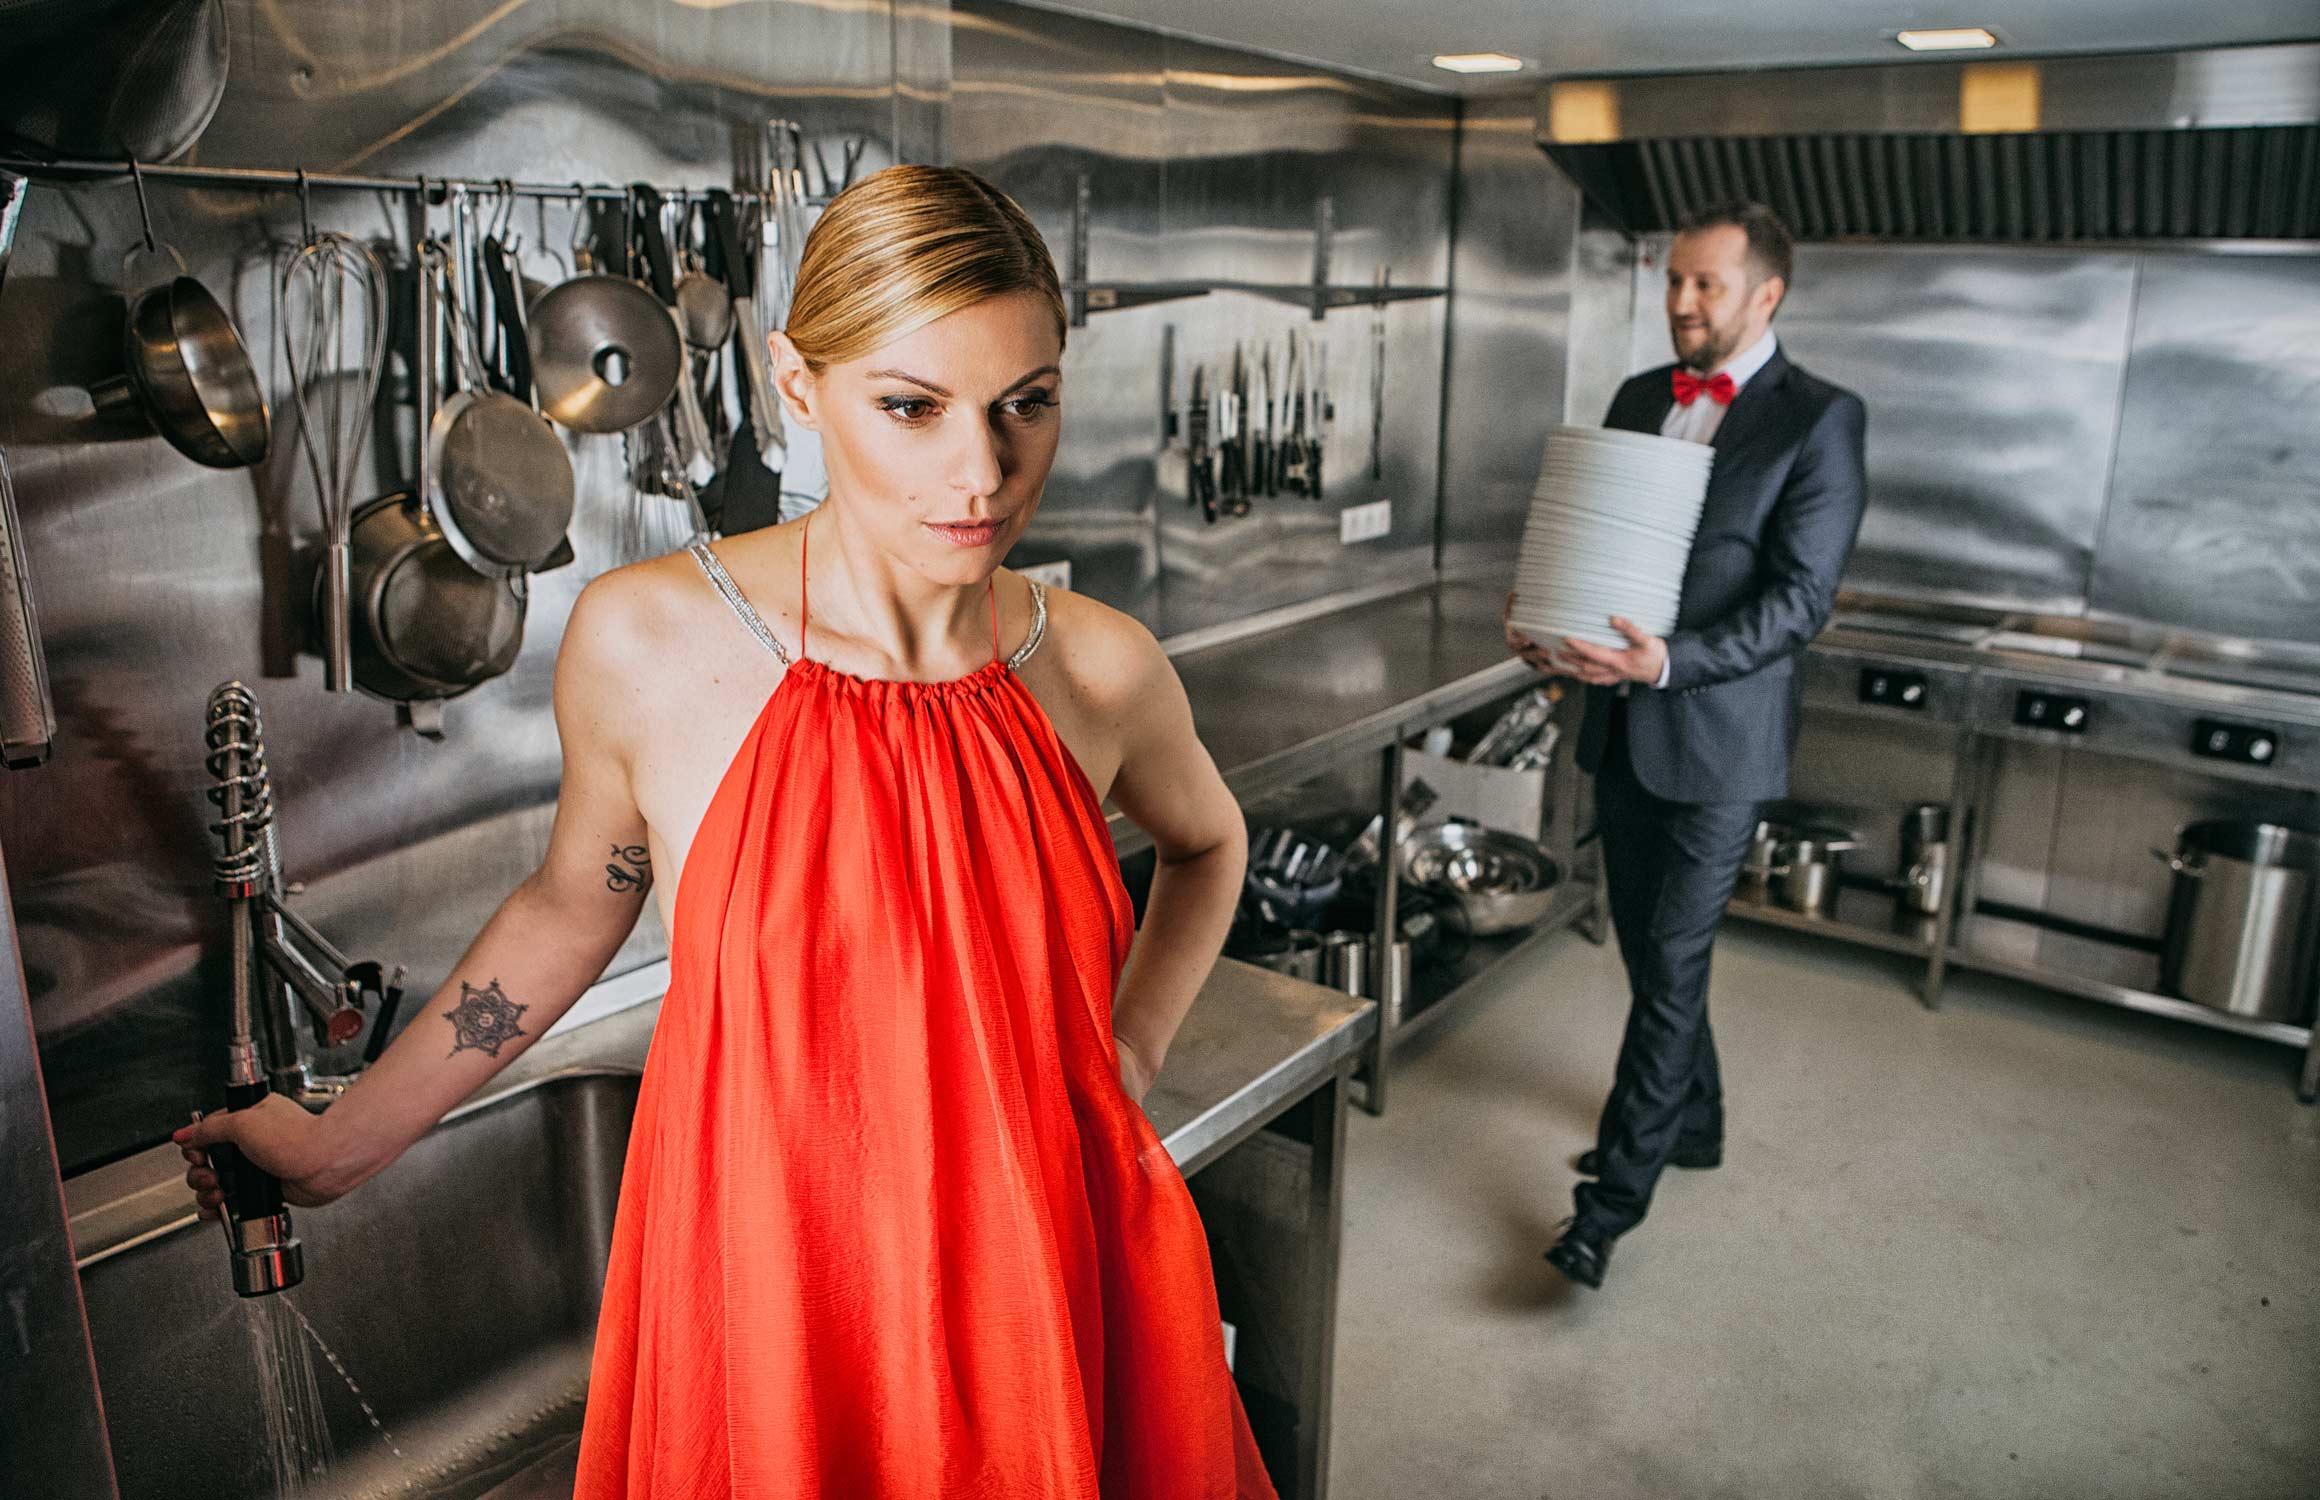 <p>Laura Čepukaitė (Čepreckienė)<br /> Singer<br /> Liutauras Čeprackas<br /> Chef<br /> Žmonės magazine<br /> Lithuania<br /> 2016</p>